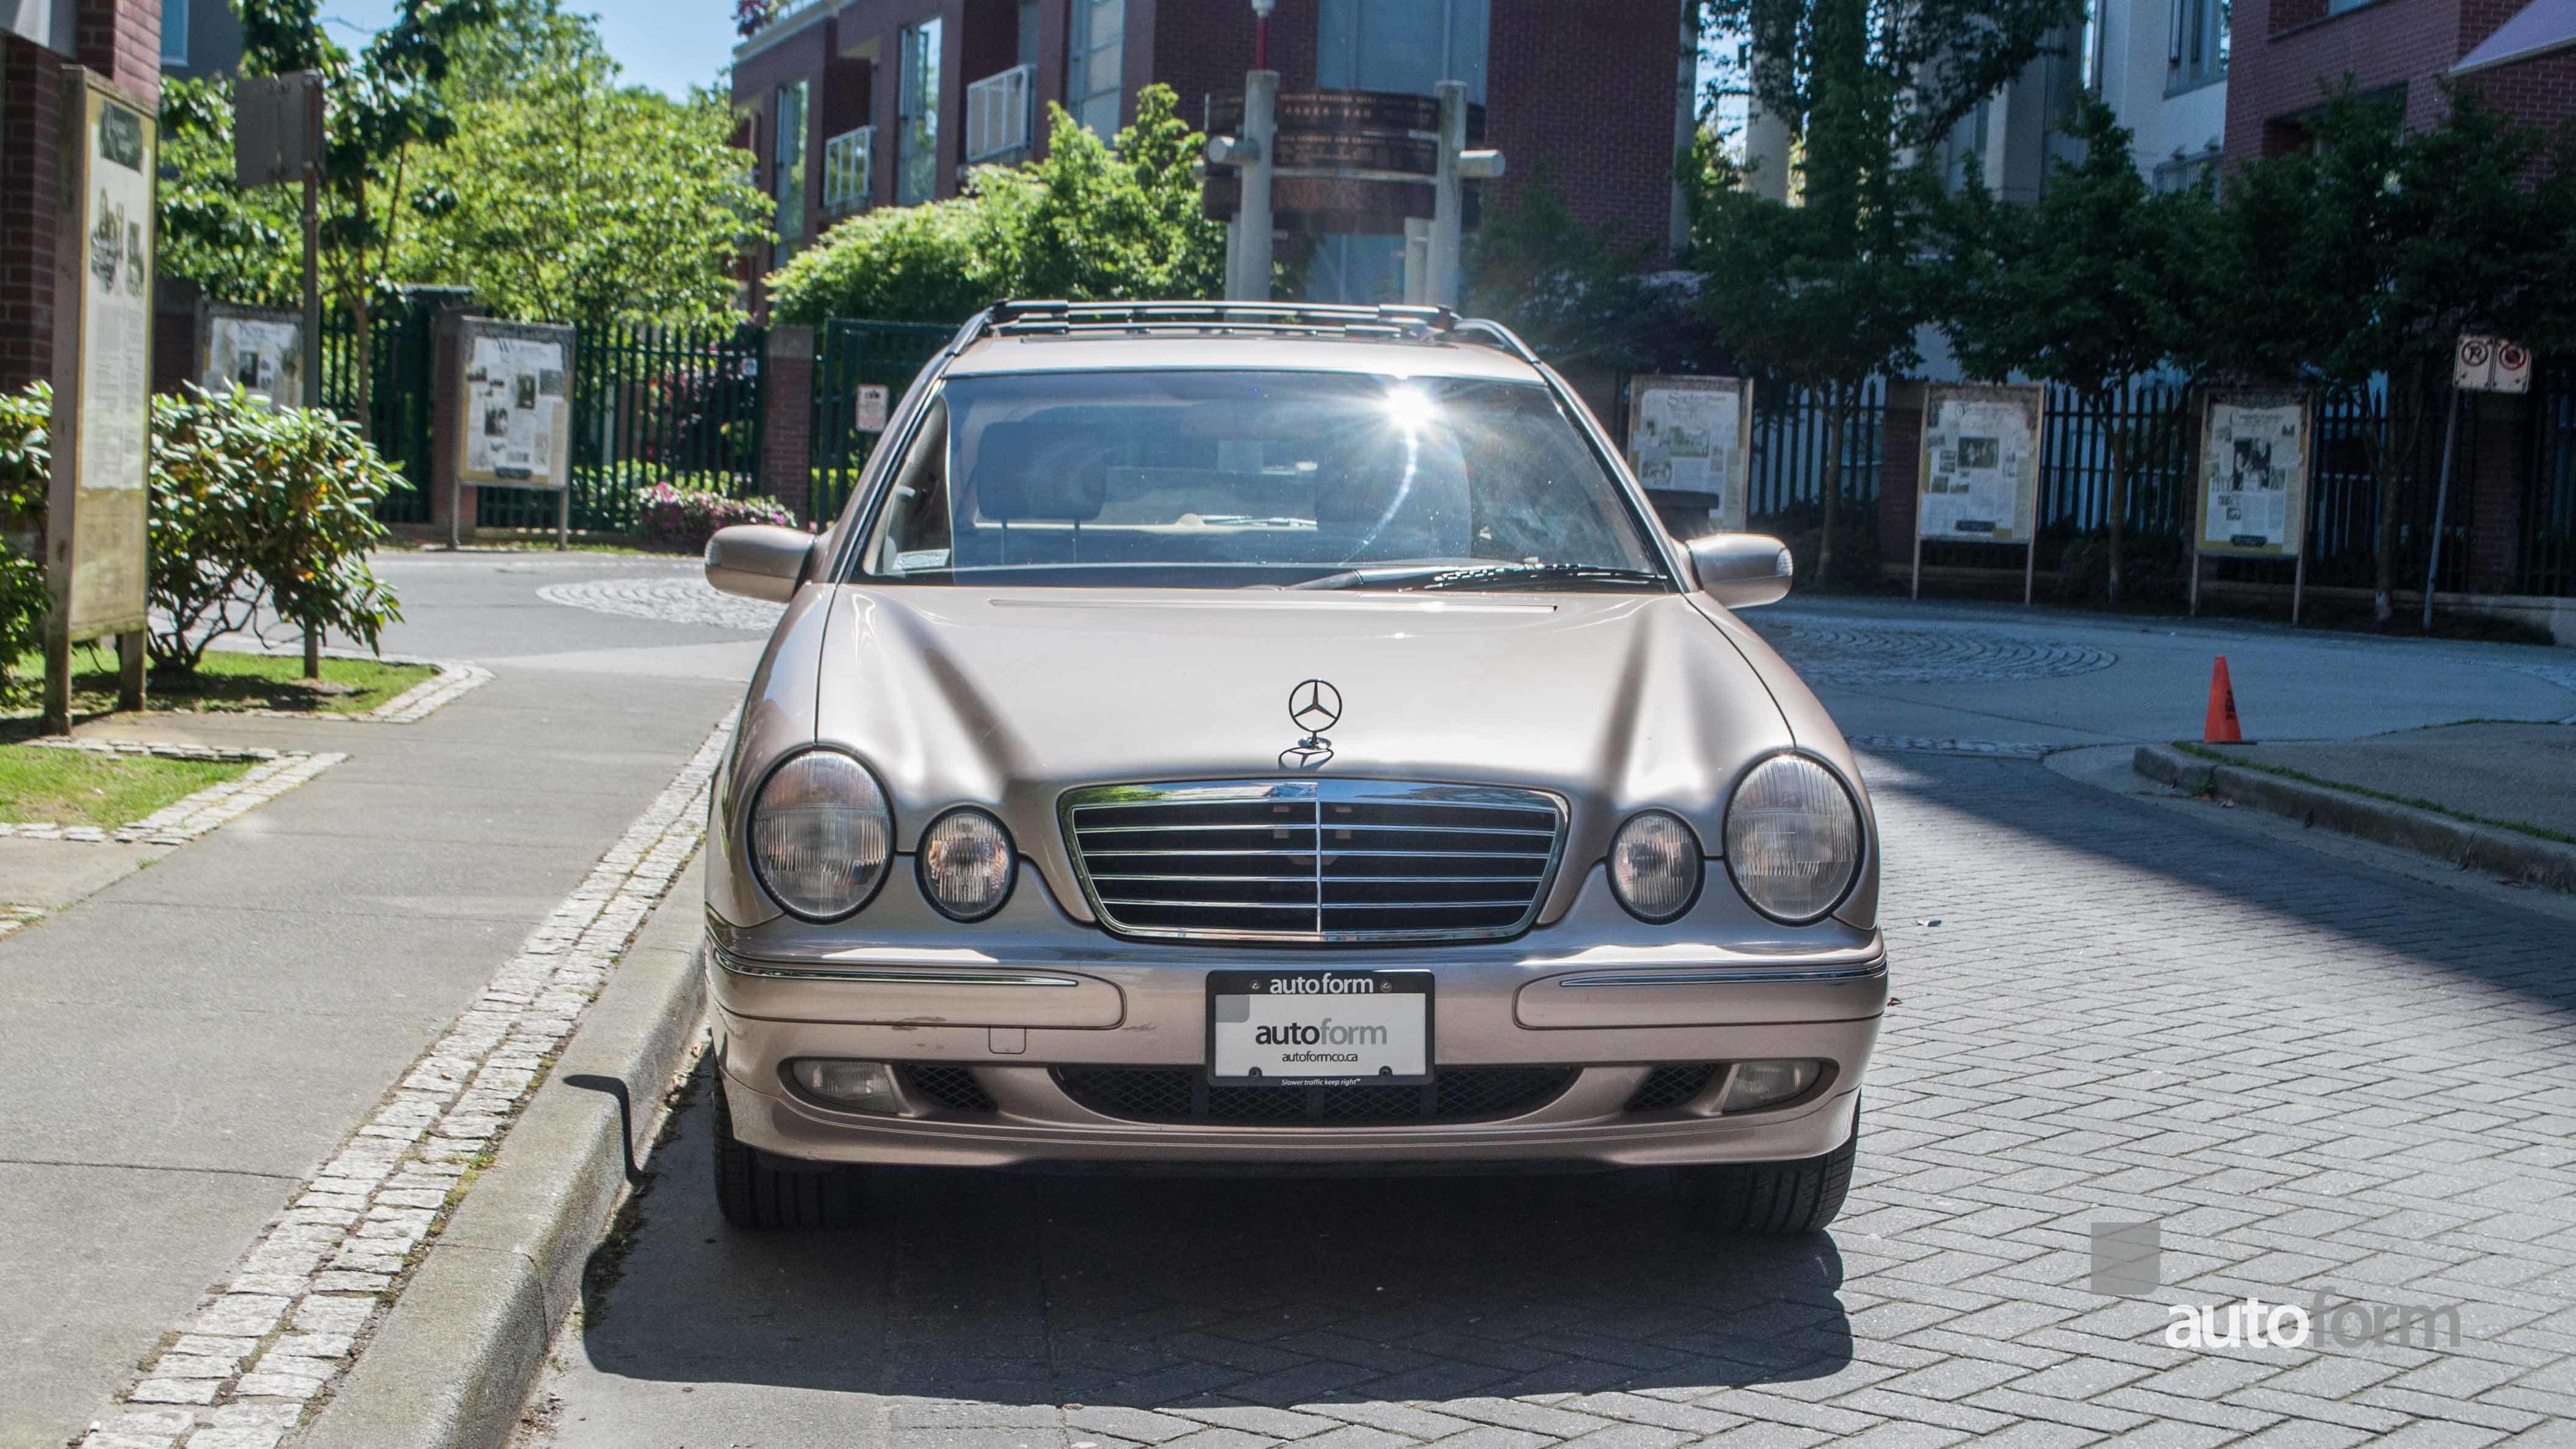 2000 mercedes benz e320 autoform for Mercedes benz e320